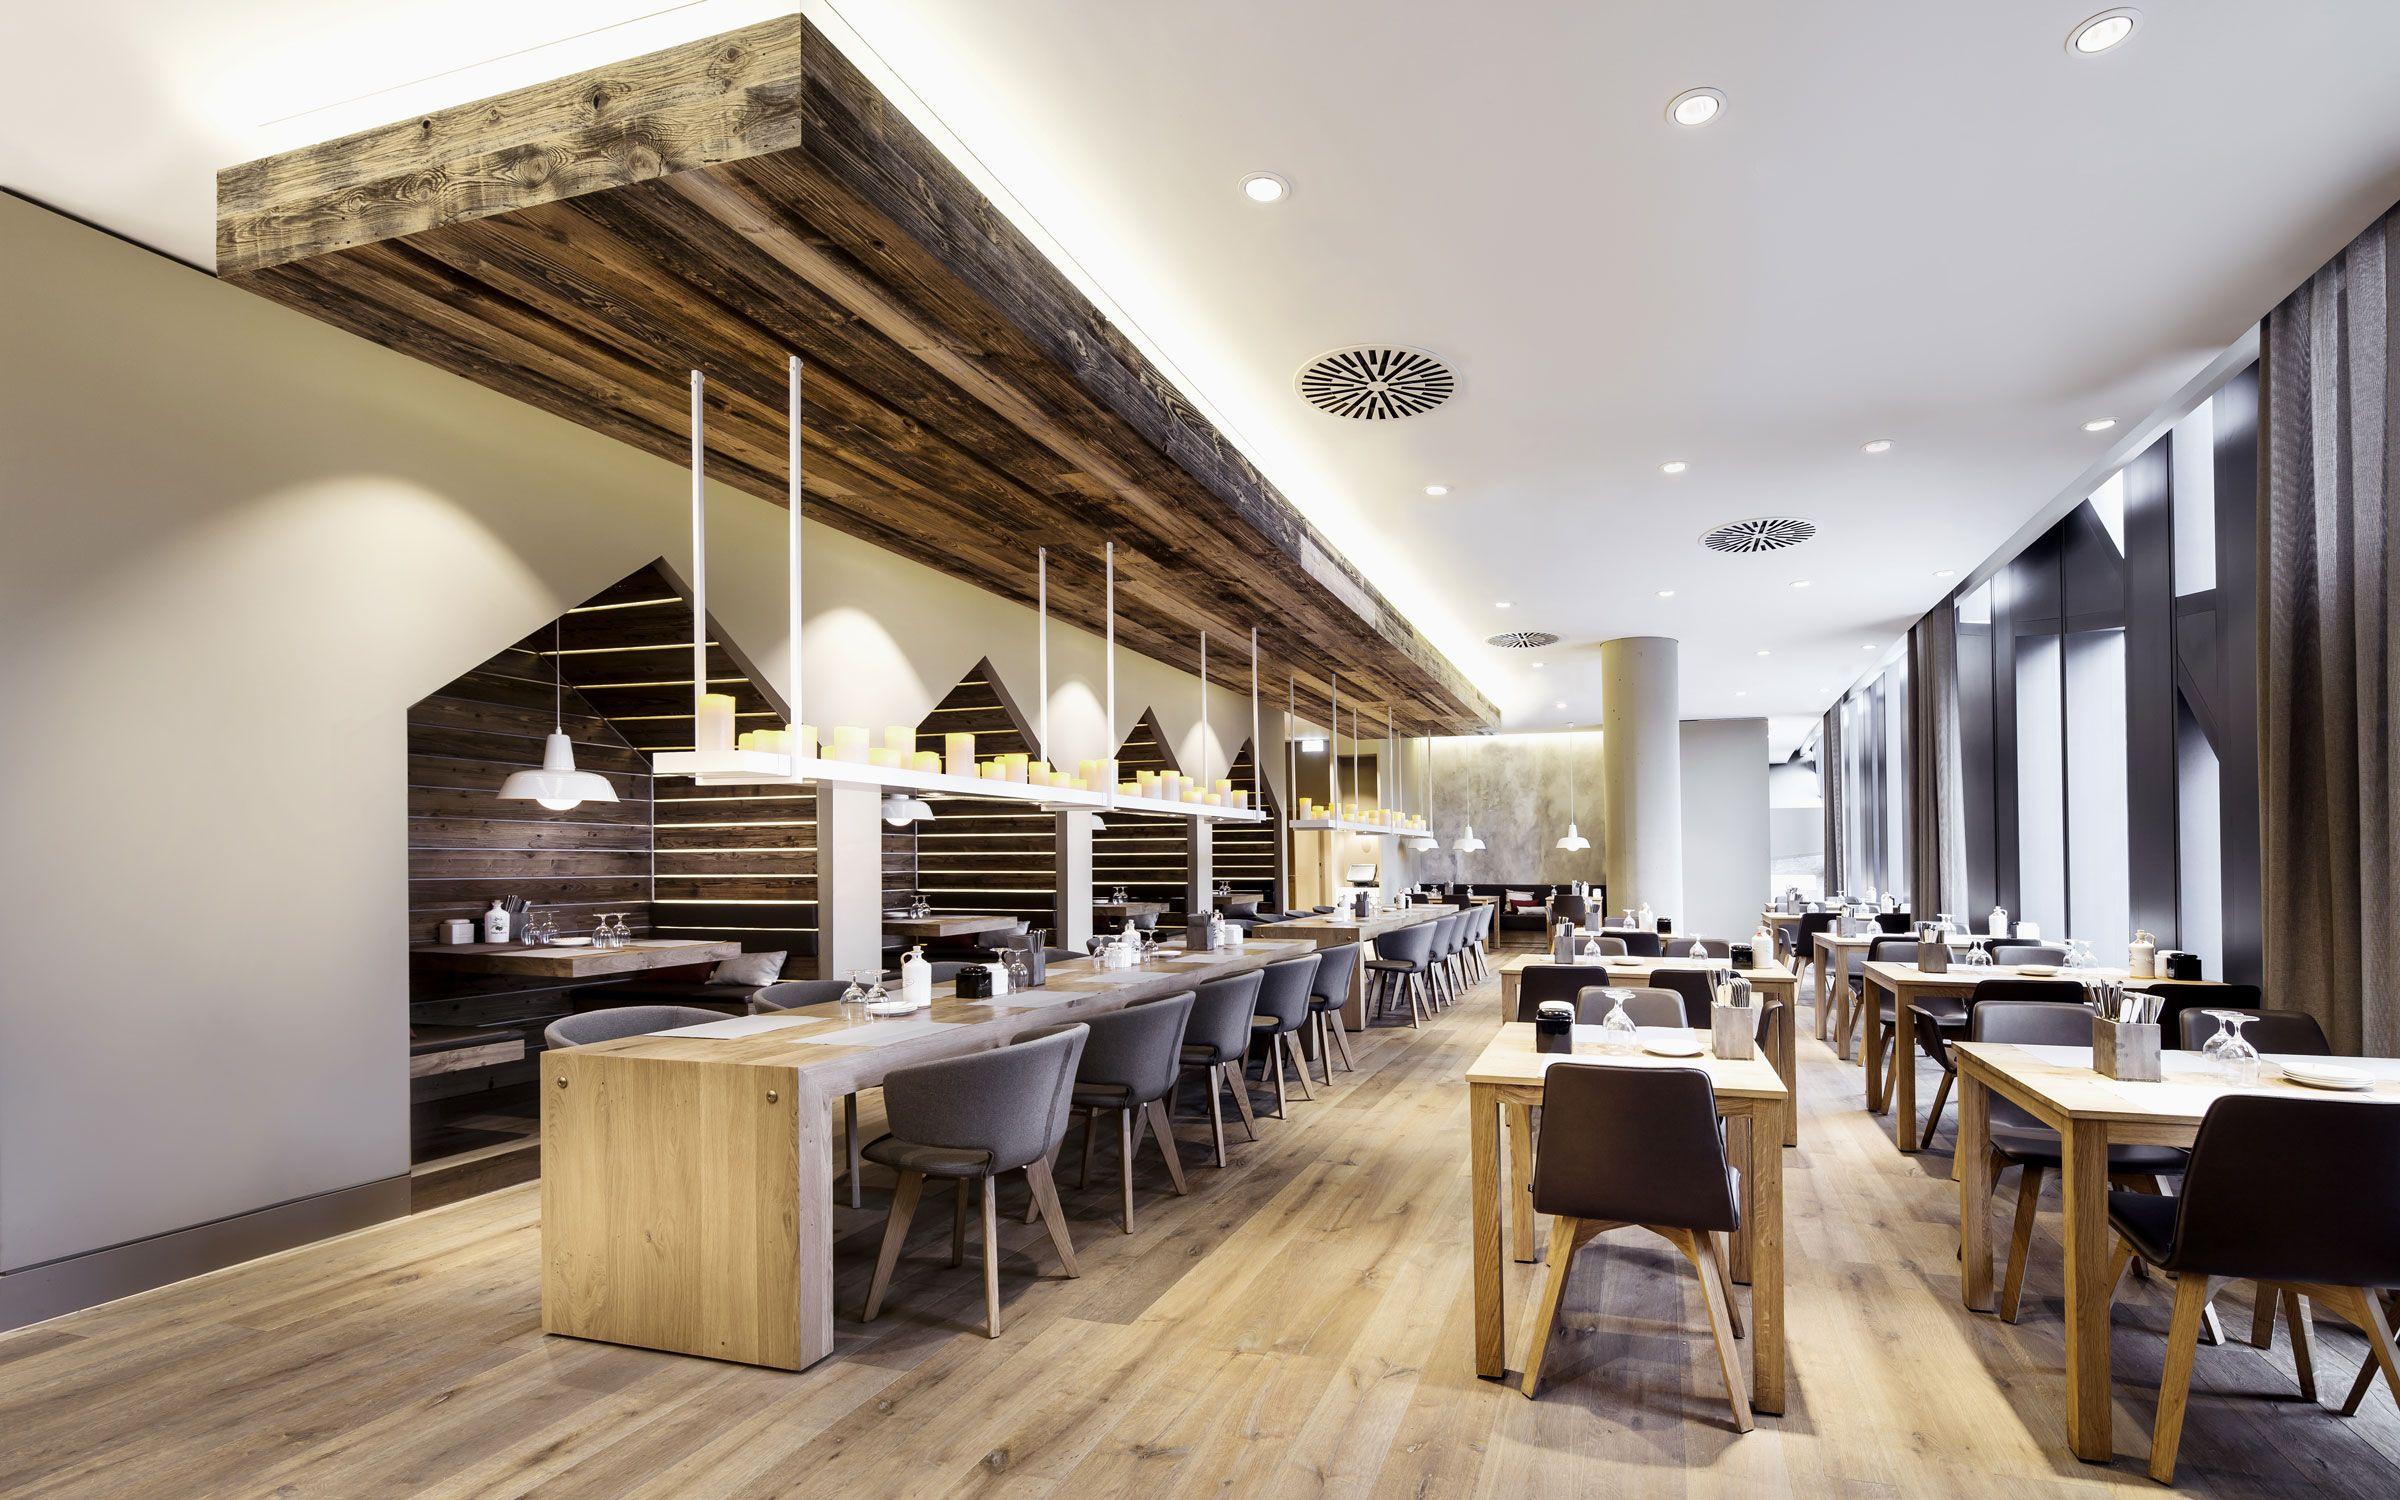 sansibar breuninger 21 Innenarchitektur Restaurant Sylt ...